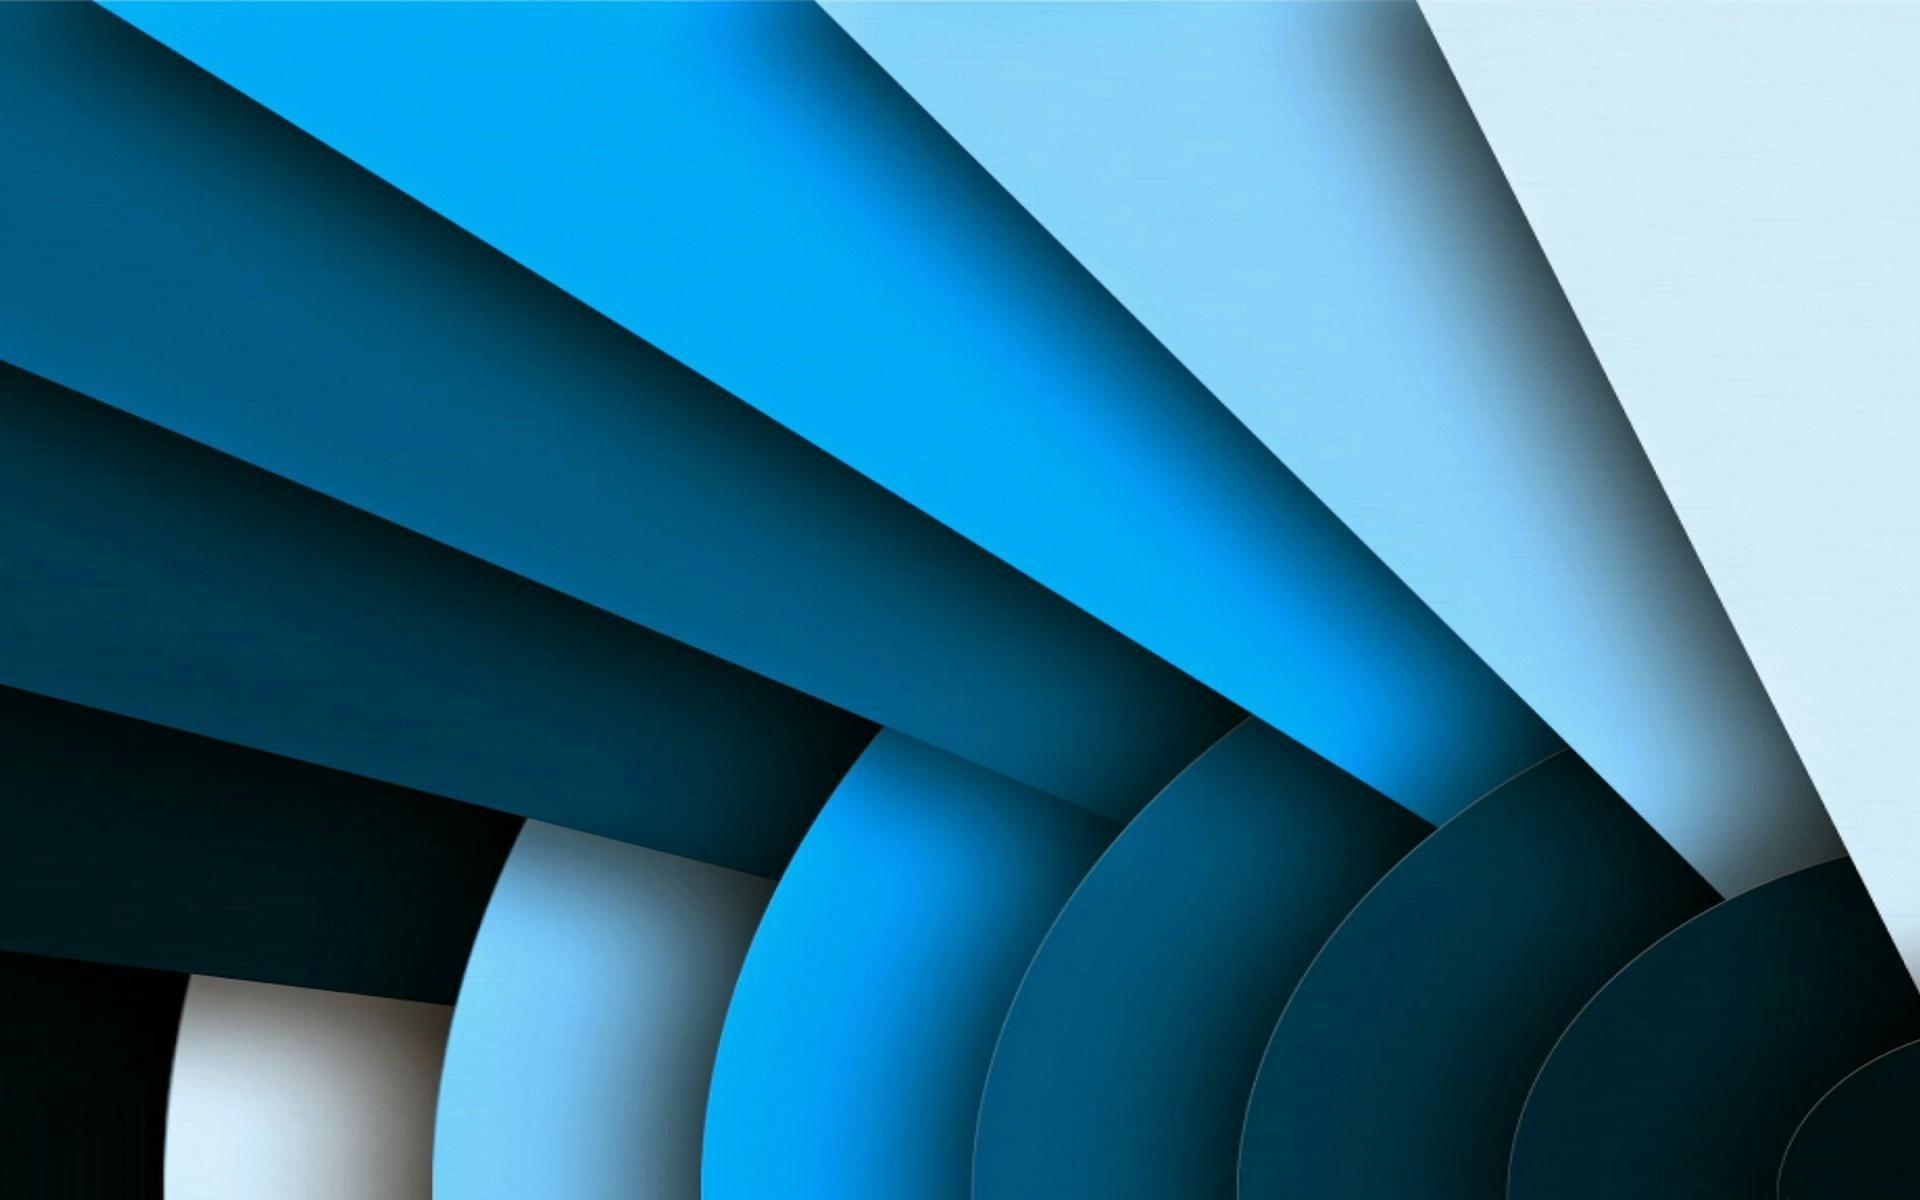 Lollipop-Wallpapers-Images-Download